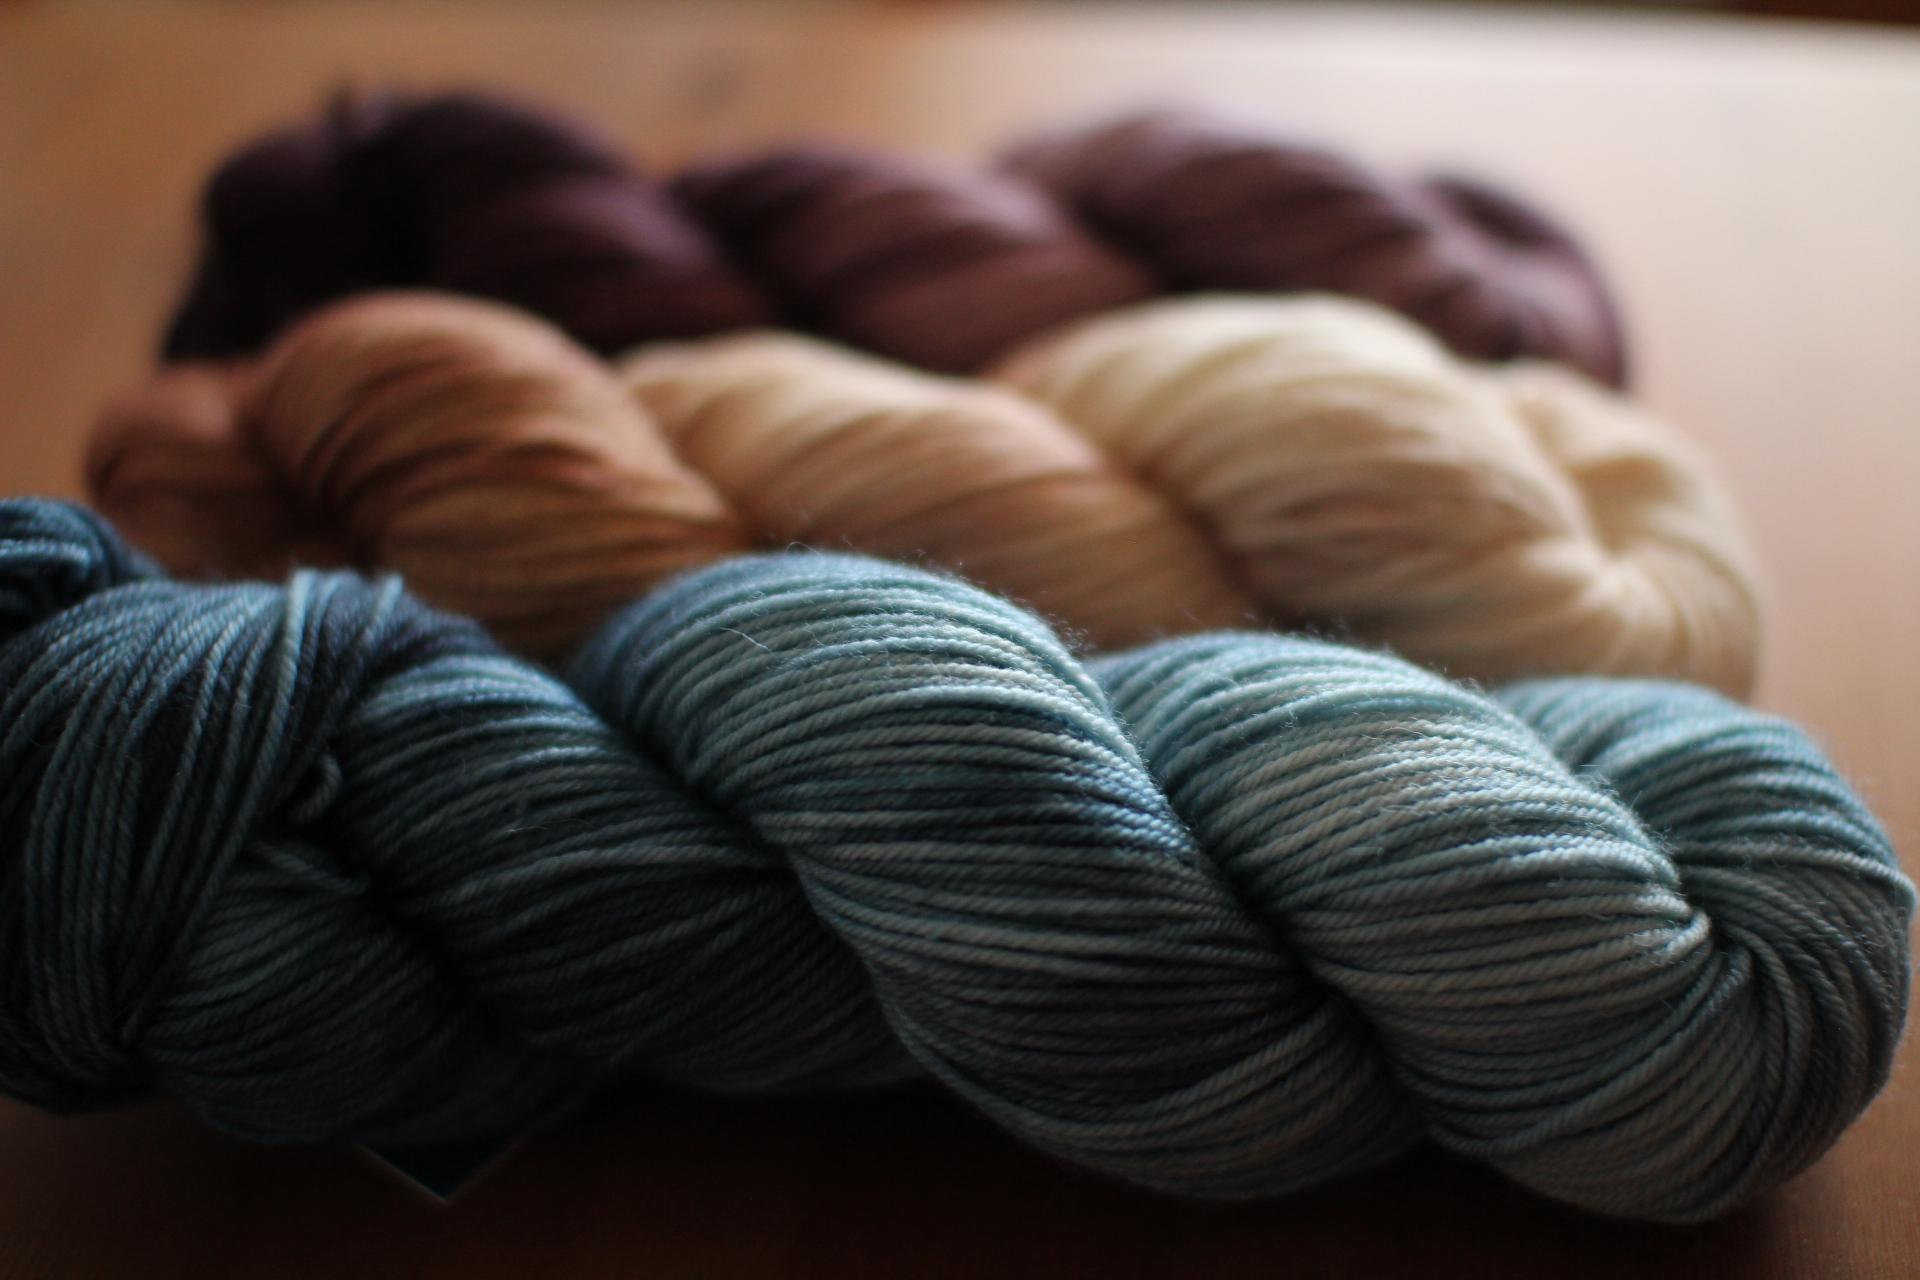 Various colorways